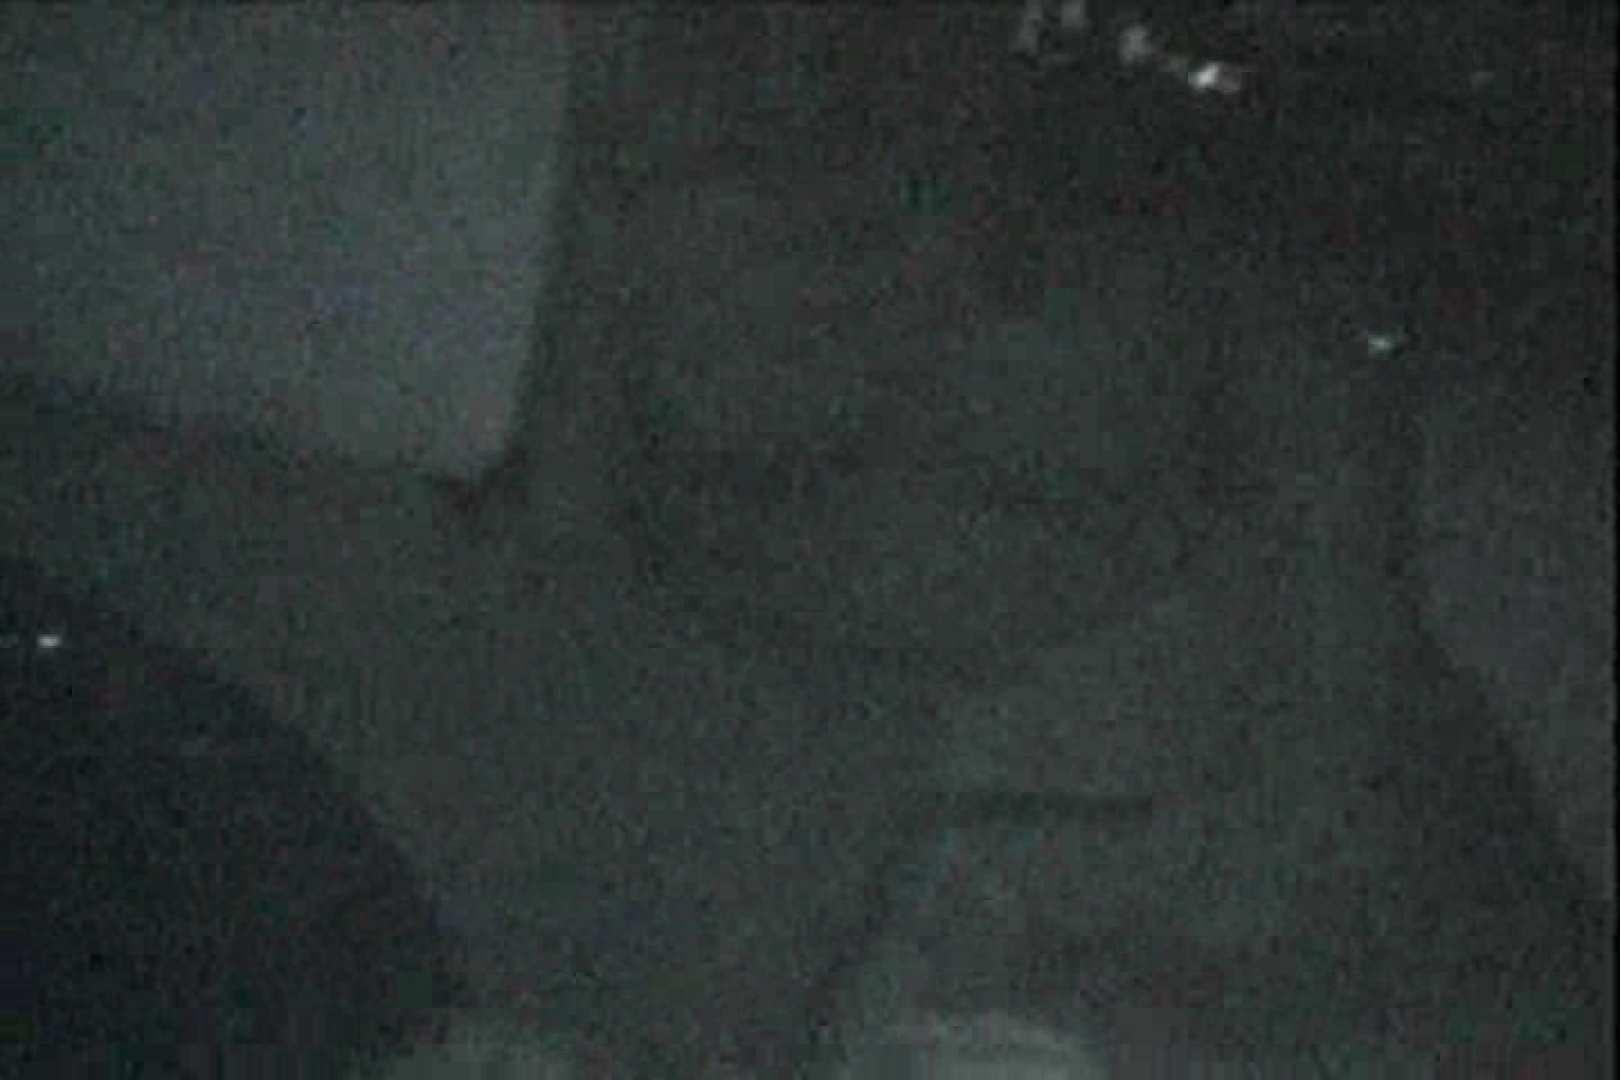 充血監督の深夜の運動会Vol.39 カップル   OLの実態  79pic 19